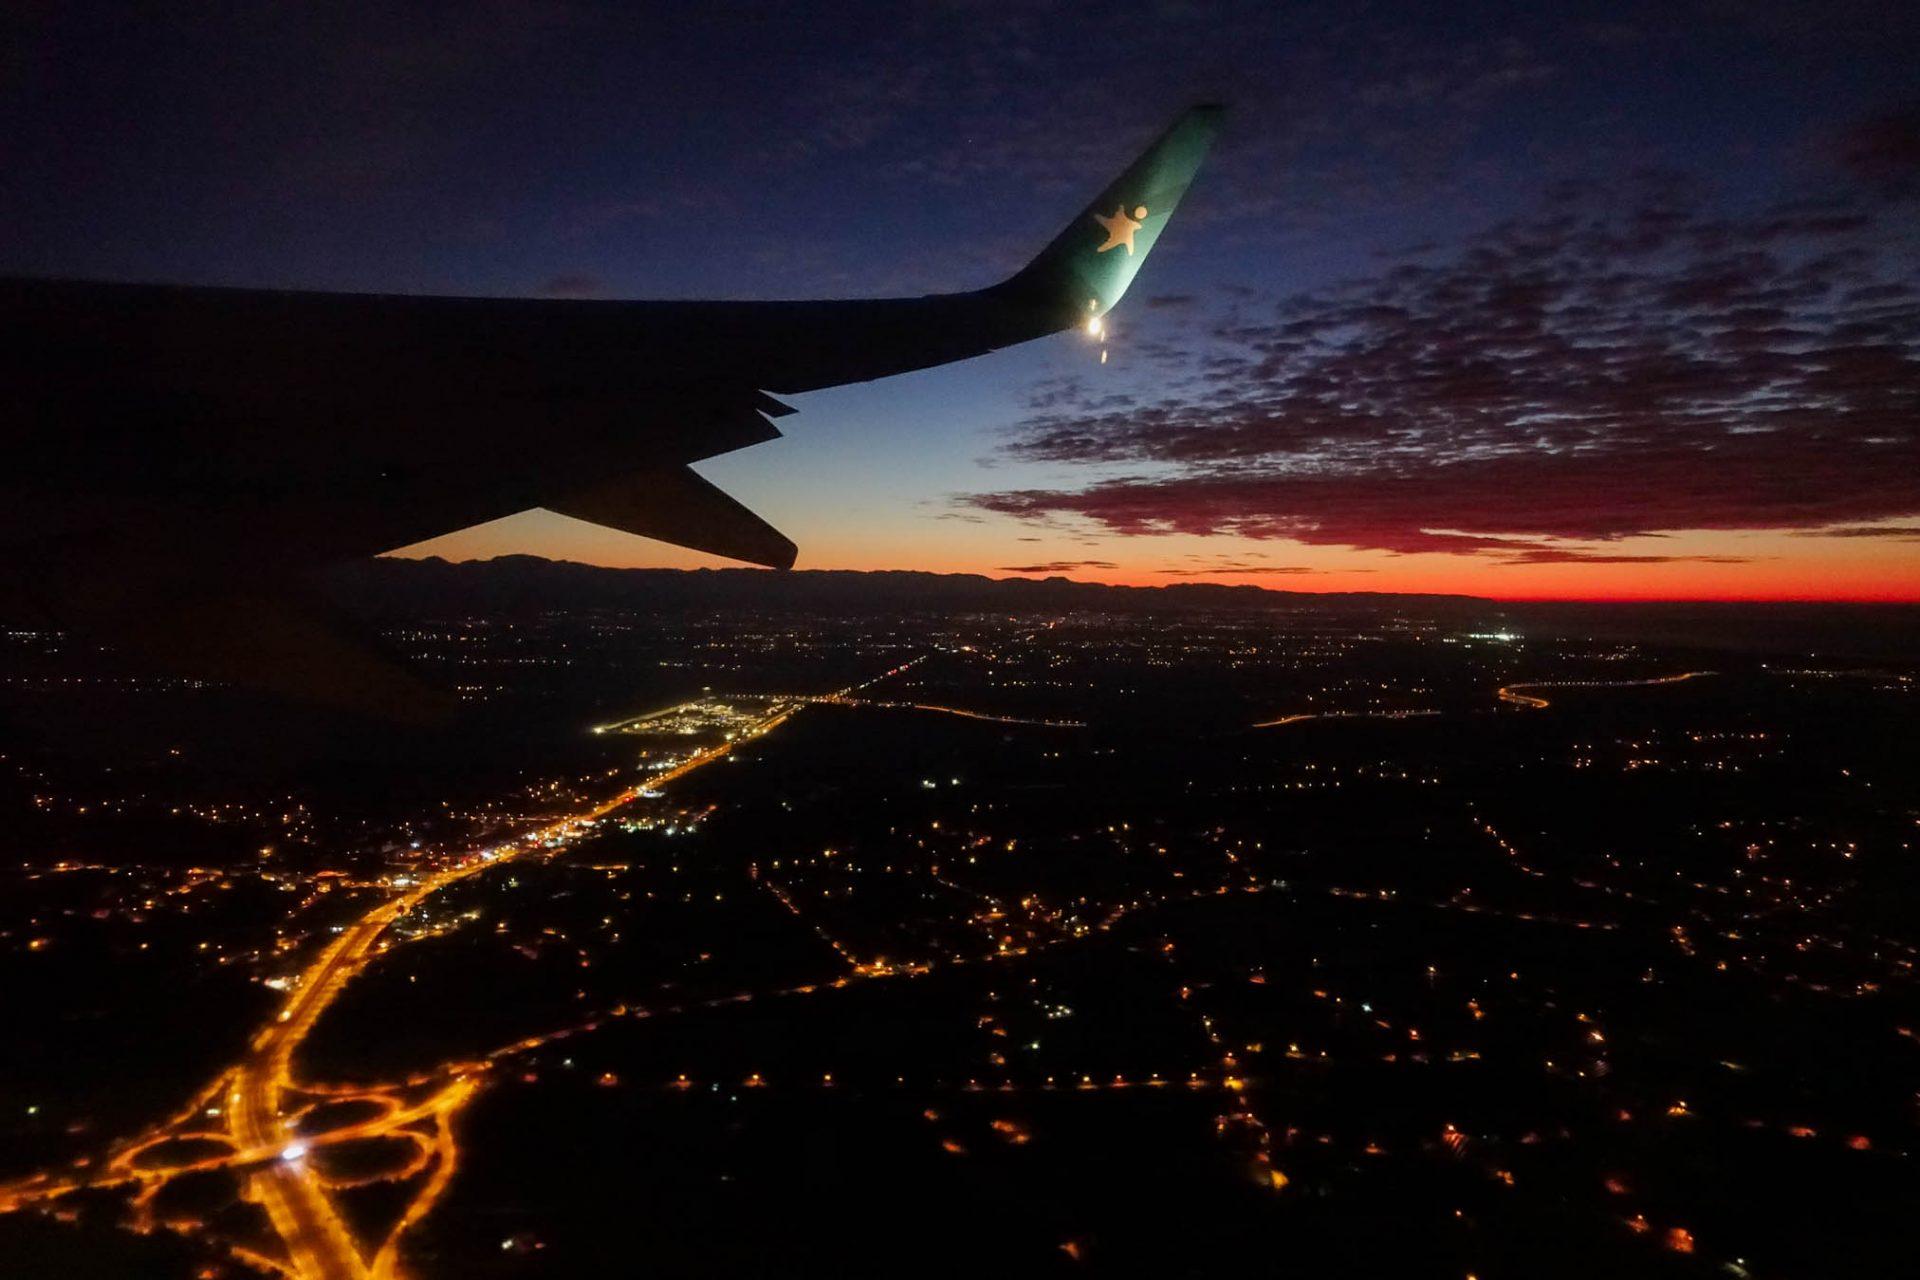 Vliegtuig vliegt tijdens de zonsondergang